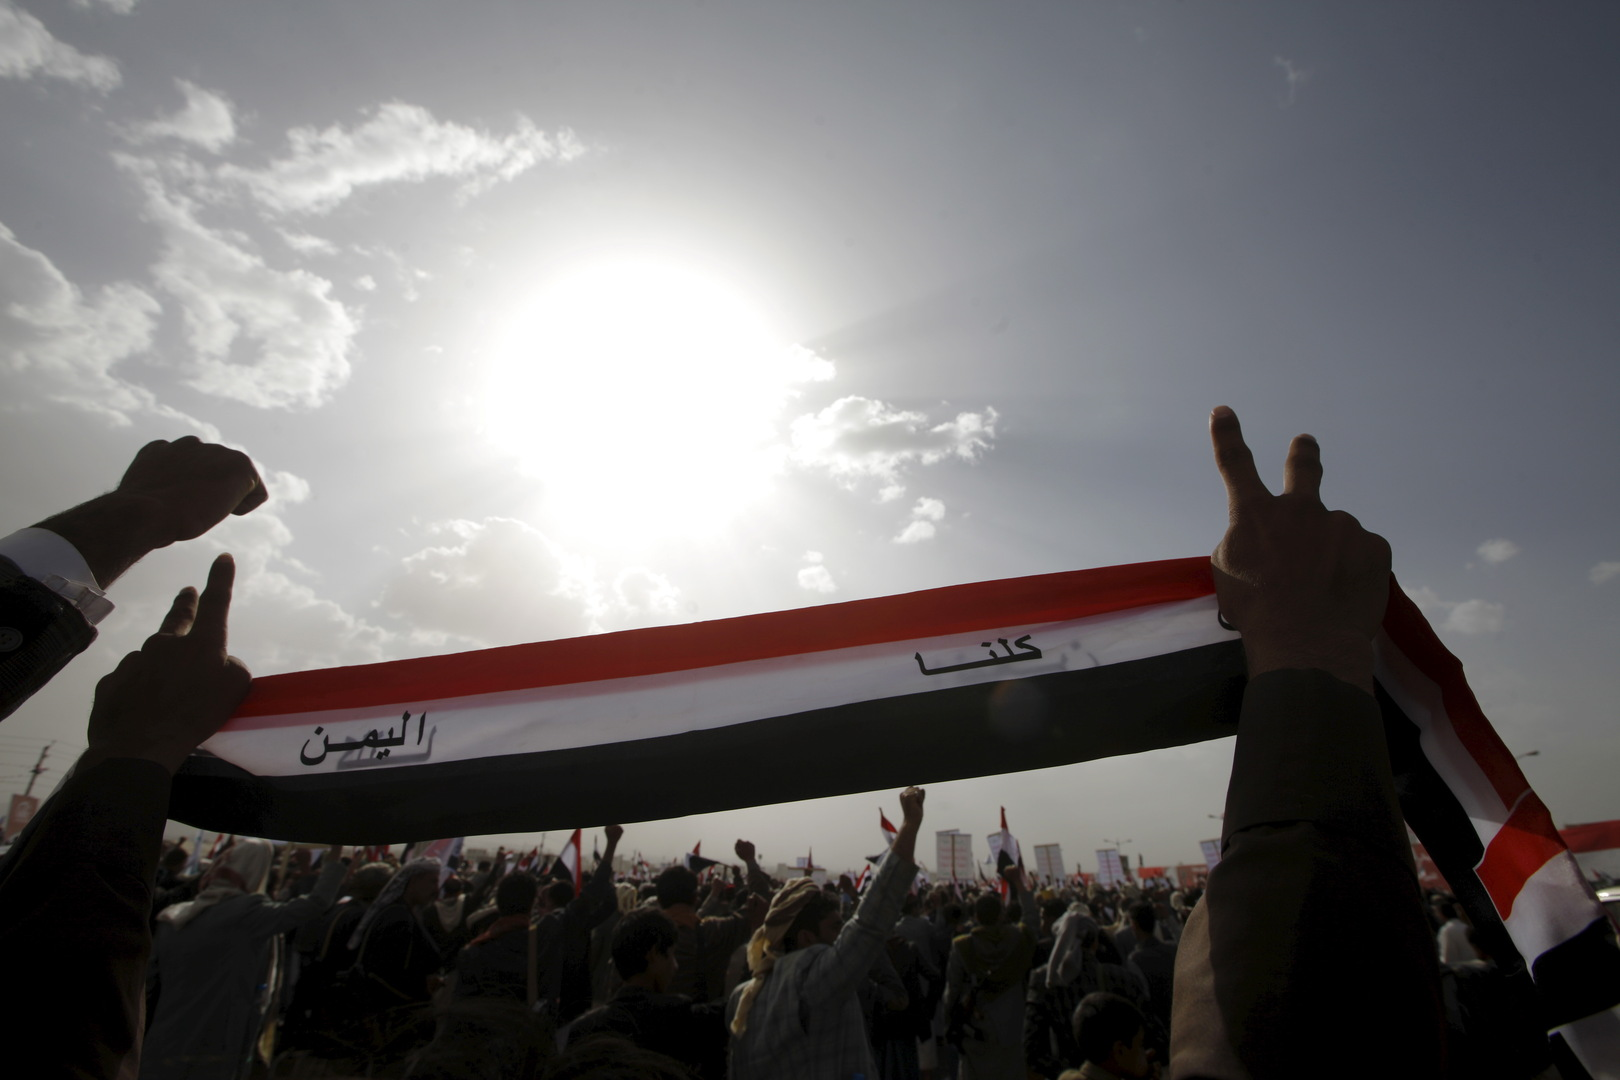 واشنطن تعلن طرح خطة جديدة لوقف القتال في اليمن على الحوثيين